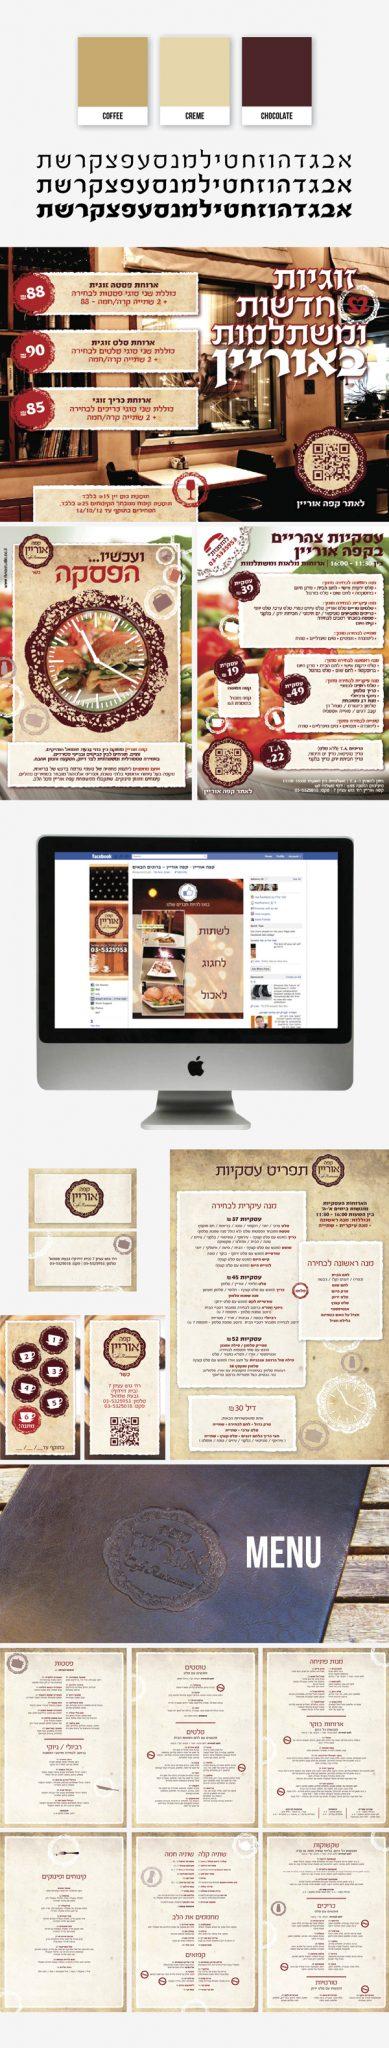 cafe, design, branding, menu, sign, logo